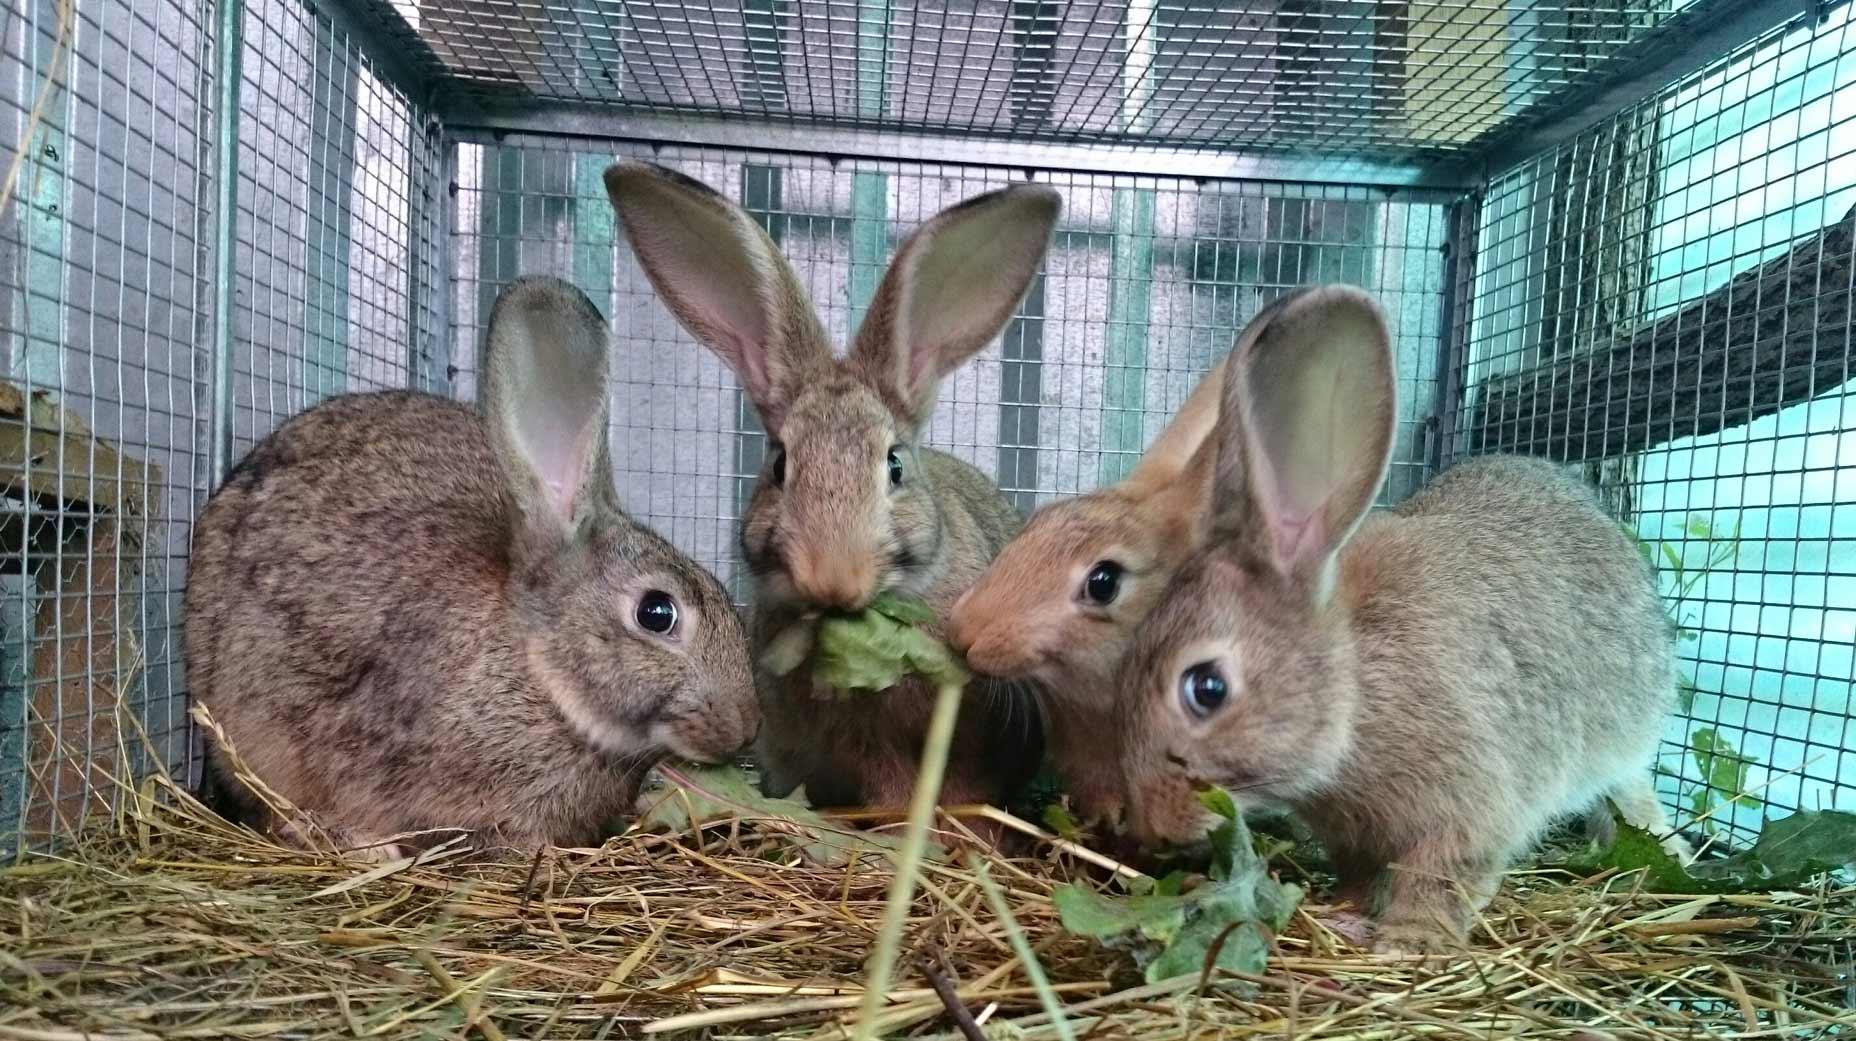 conigli animali allevamento dolomiti trichiana belluno b&b orto alpino